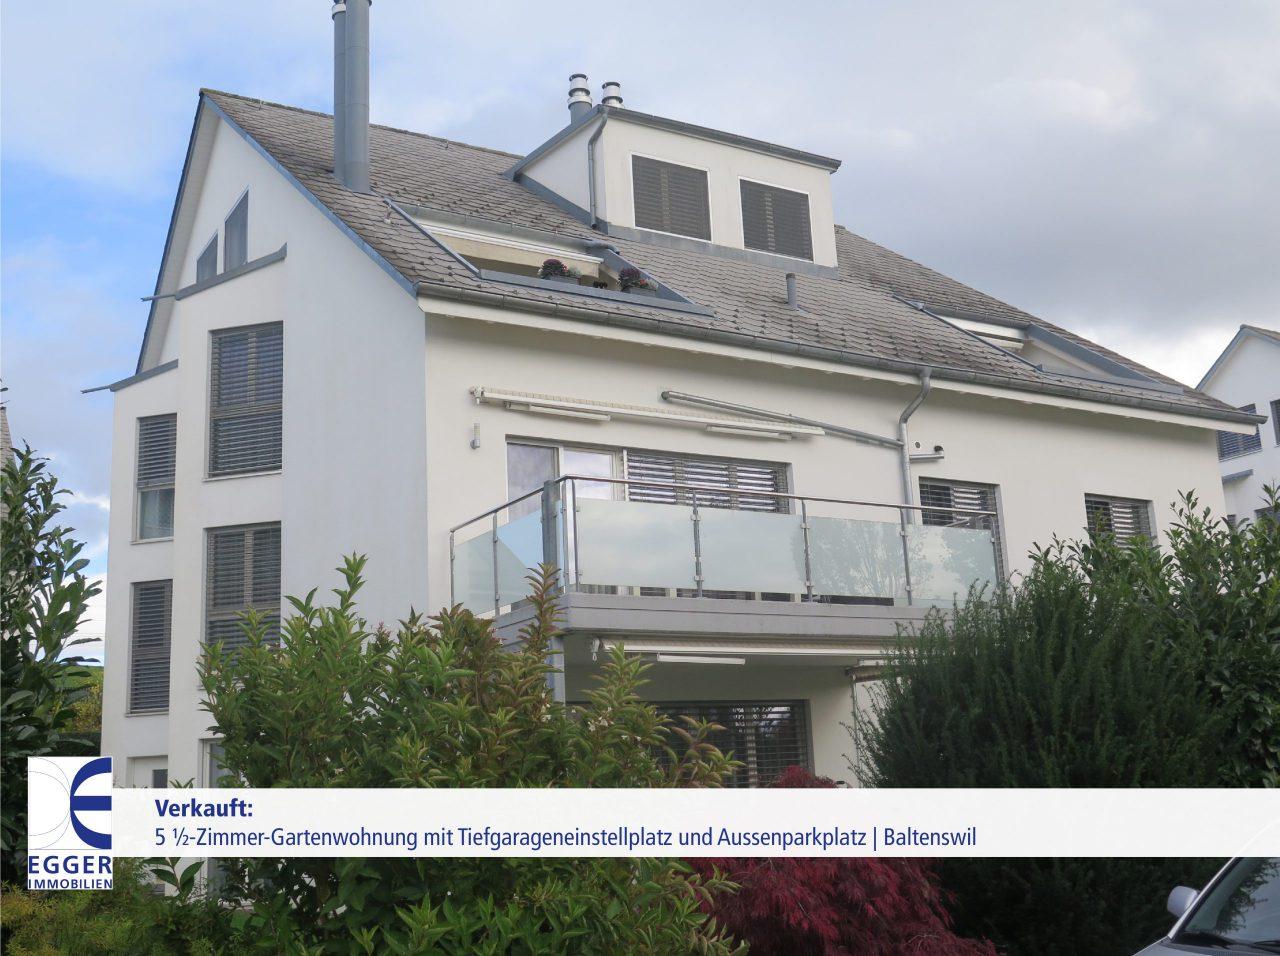 5 1/2-Zimmer-Gartenwohnung mit Tiefgarageneinstellplatz und Aussenparkplatz in Baltenswil